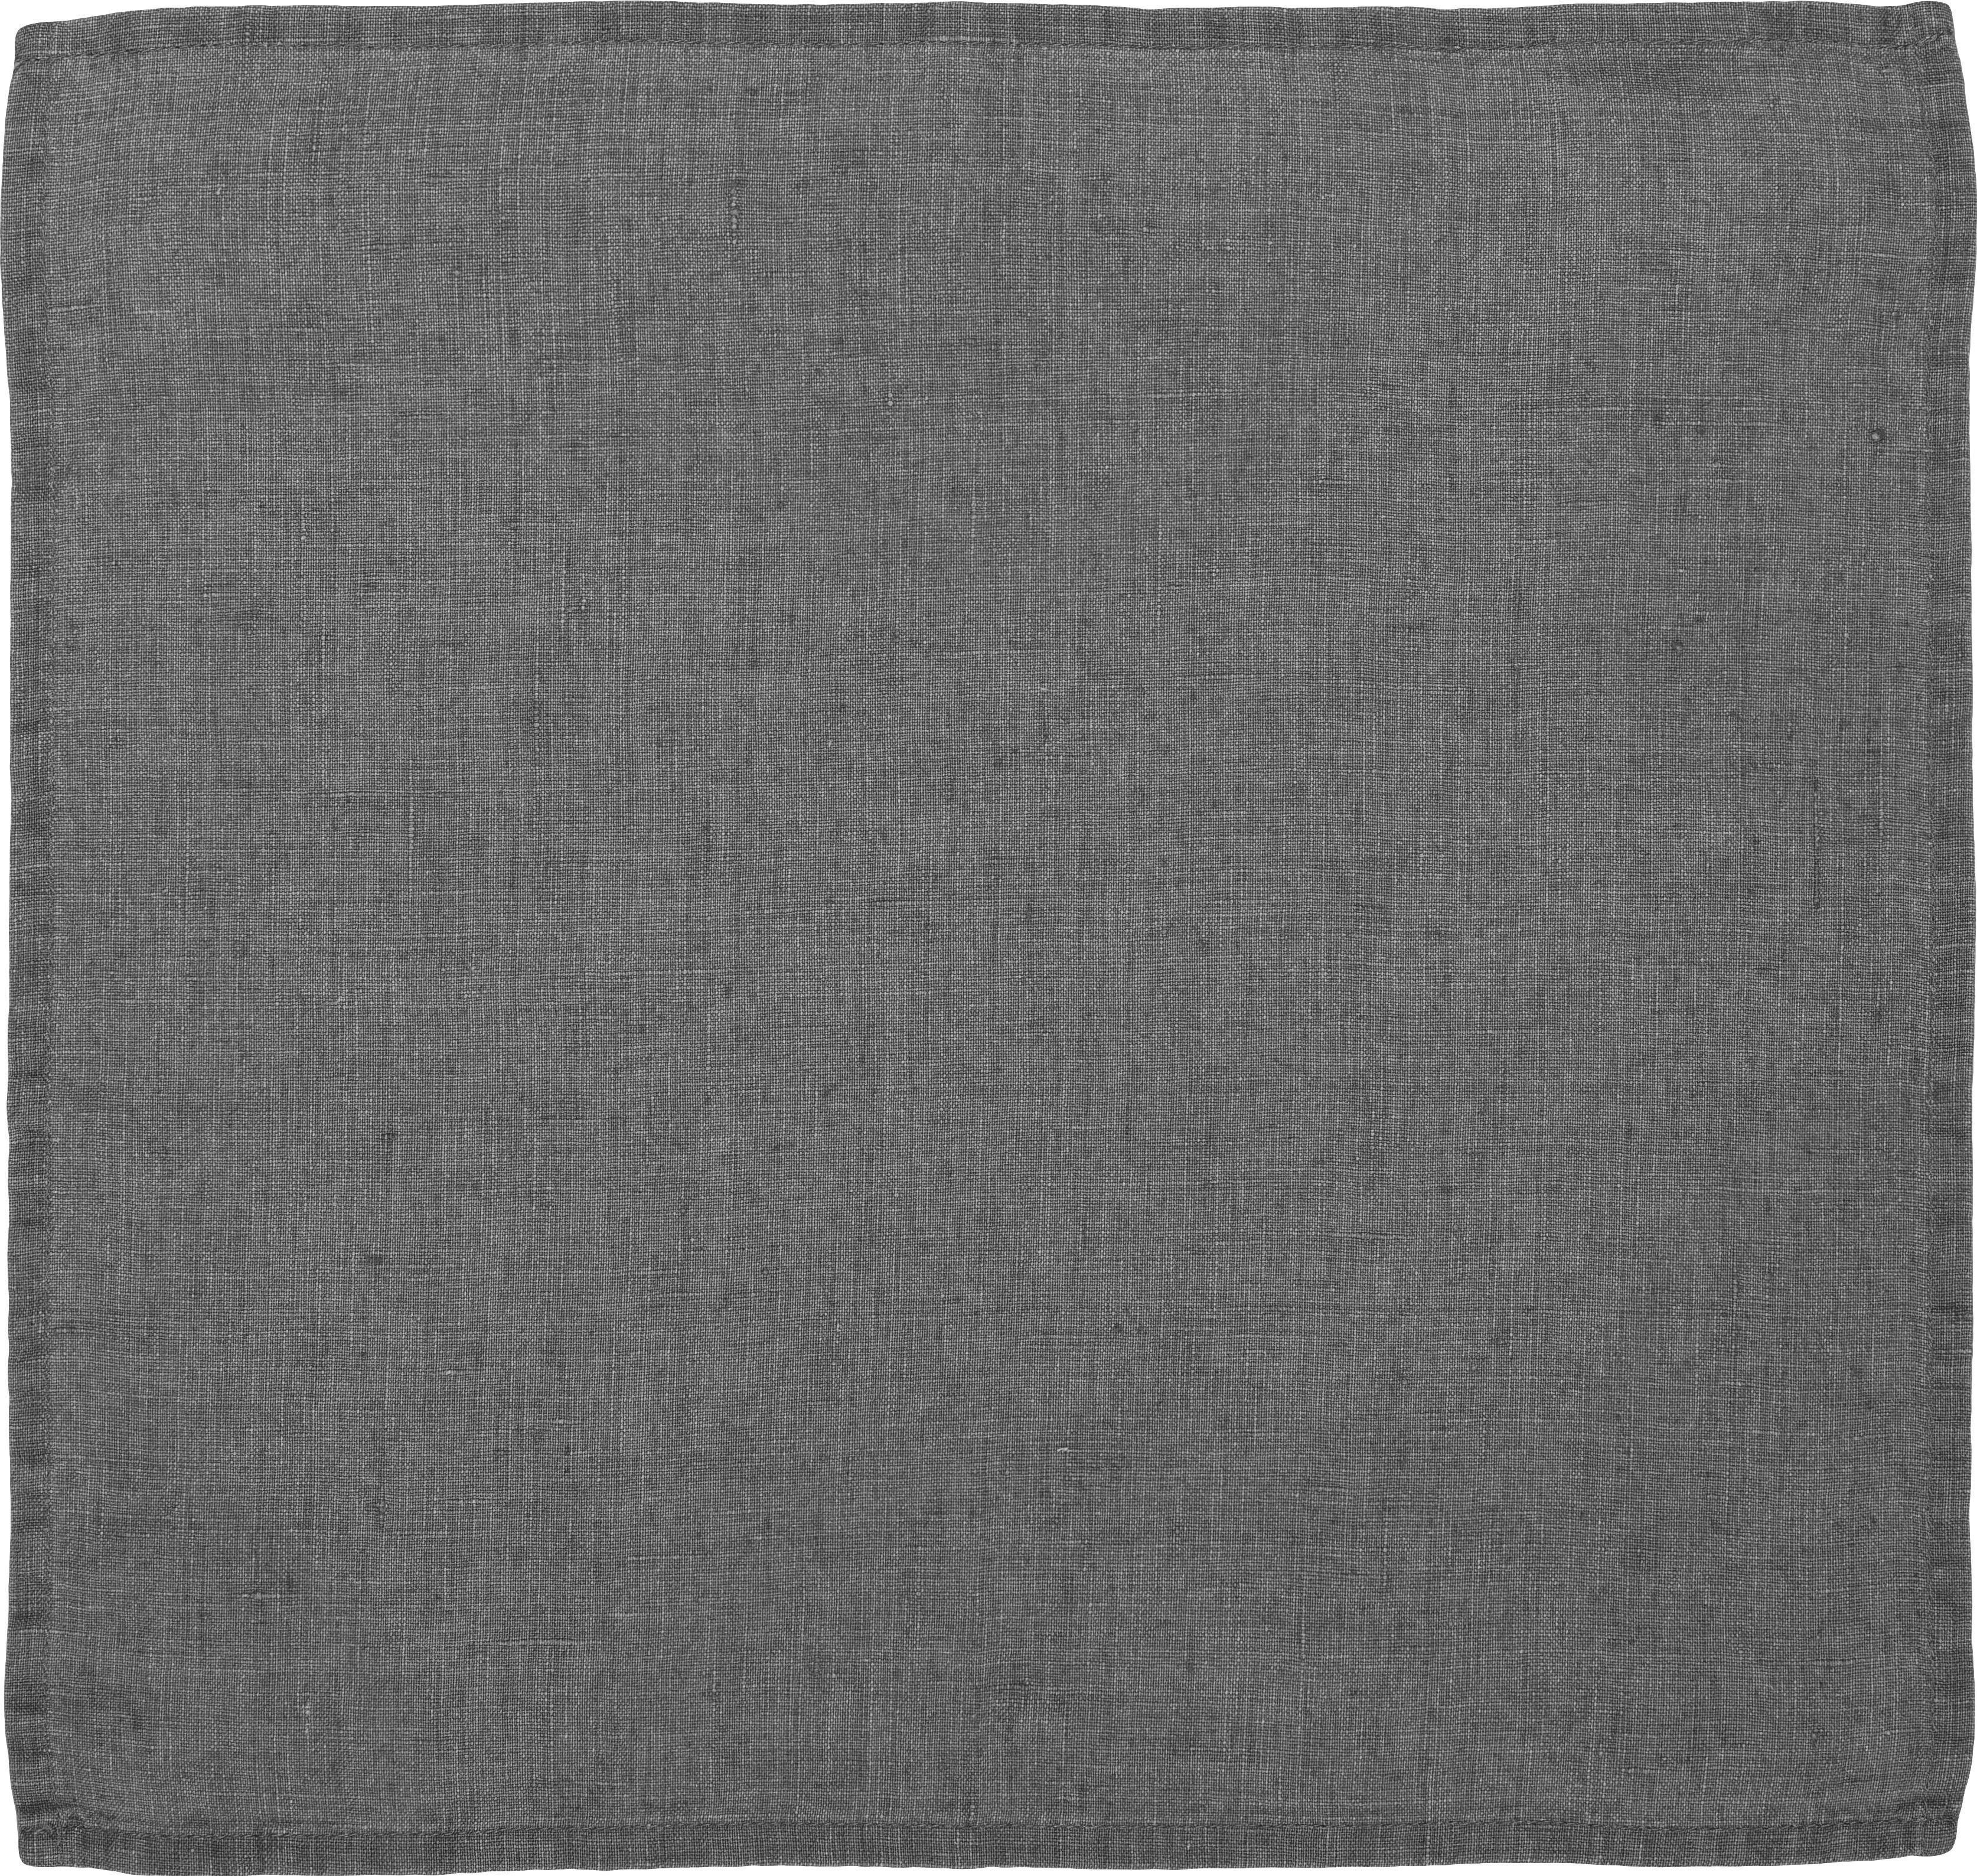 Servilletas de lino Ruta, 6uds., Gris, An 43 x L 43 cm